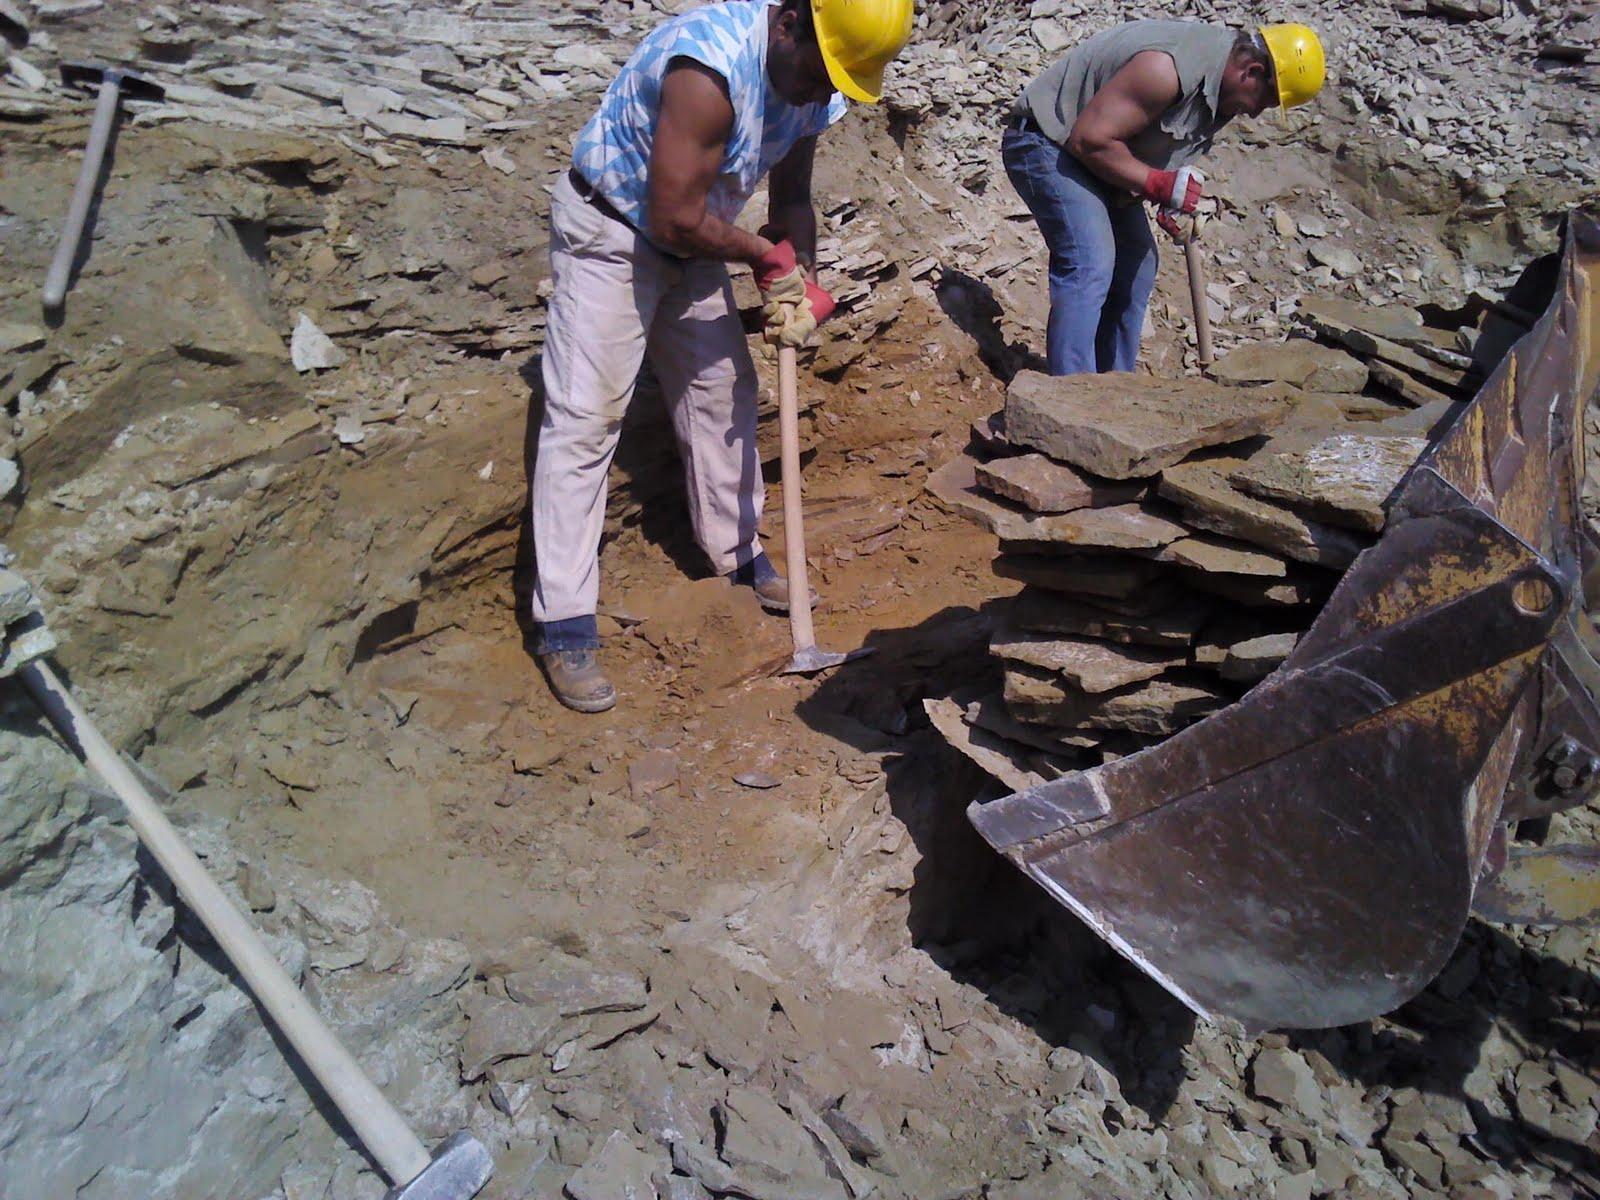 A kormány felelősen gazdálkodik az ásványvagyonnal